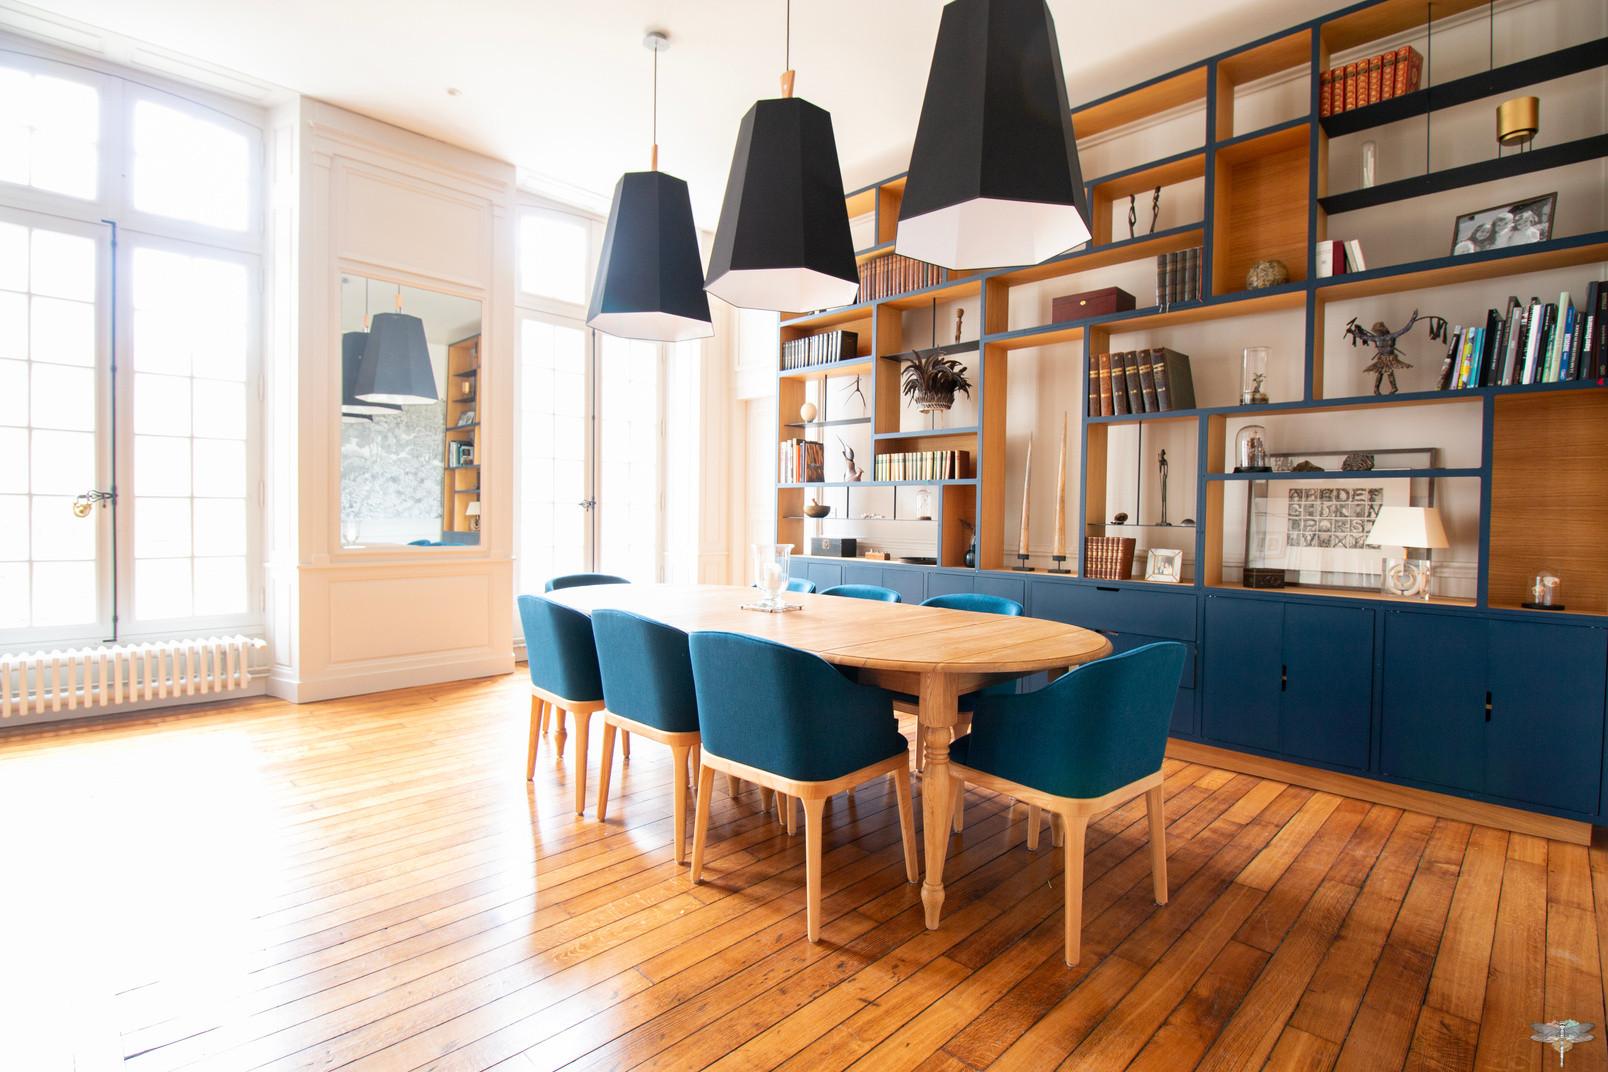 Aménagement et décoration d'une maison de maître à Annecy, par Carnets Libellule. Coralie Vasseur est votre architecte d'intérieur UFDI à Compiègne, Annecy et sur toute la France : salle à manger bleue avec suspensions xxl géométriques